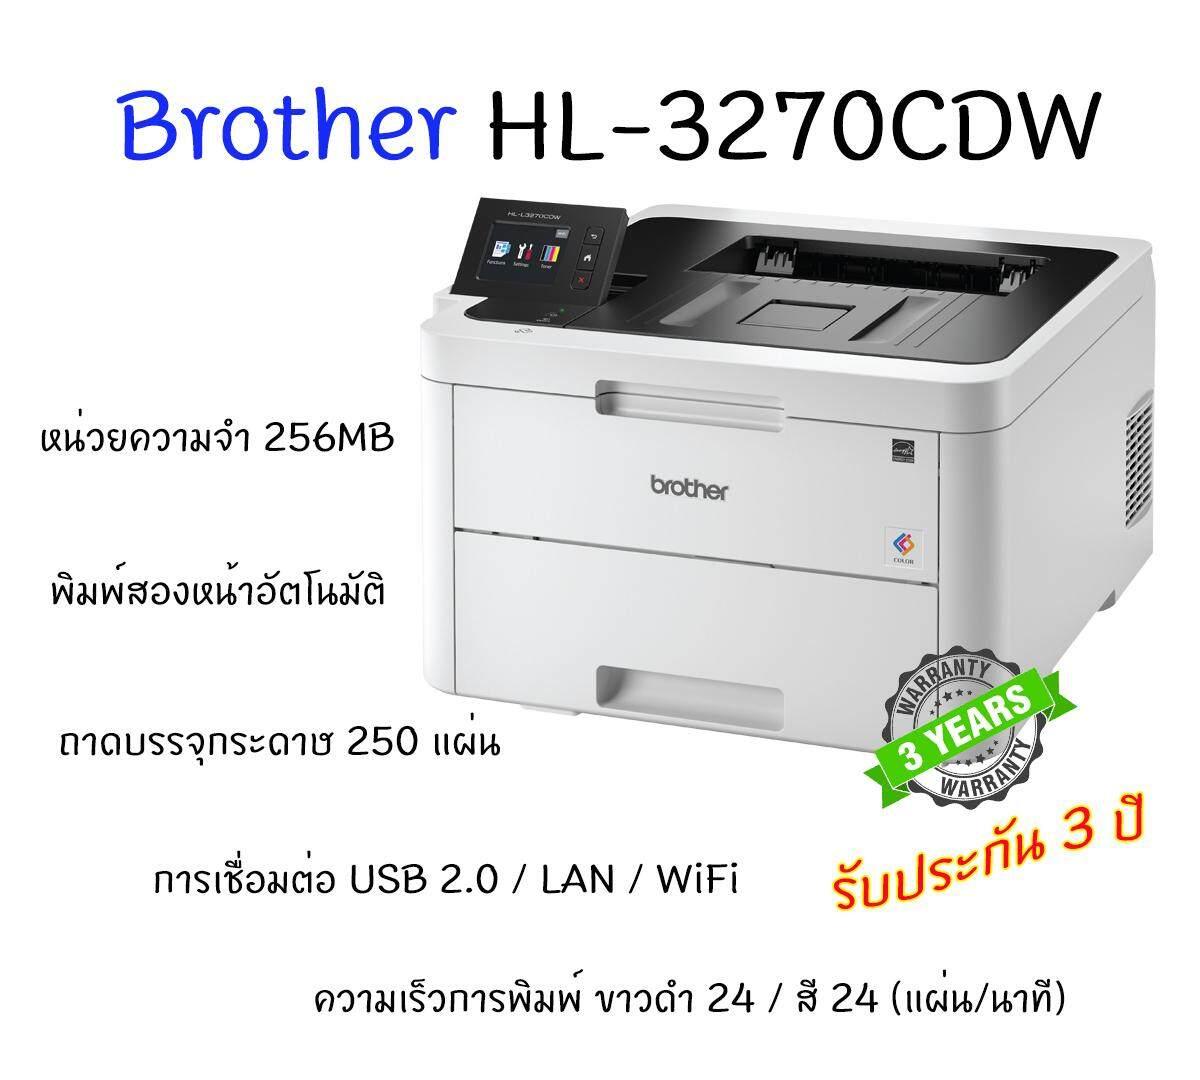 Brother Hl-3270cdw เครื่องพิมพ์เลเซอร์สี.